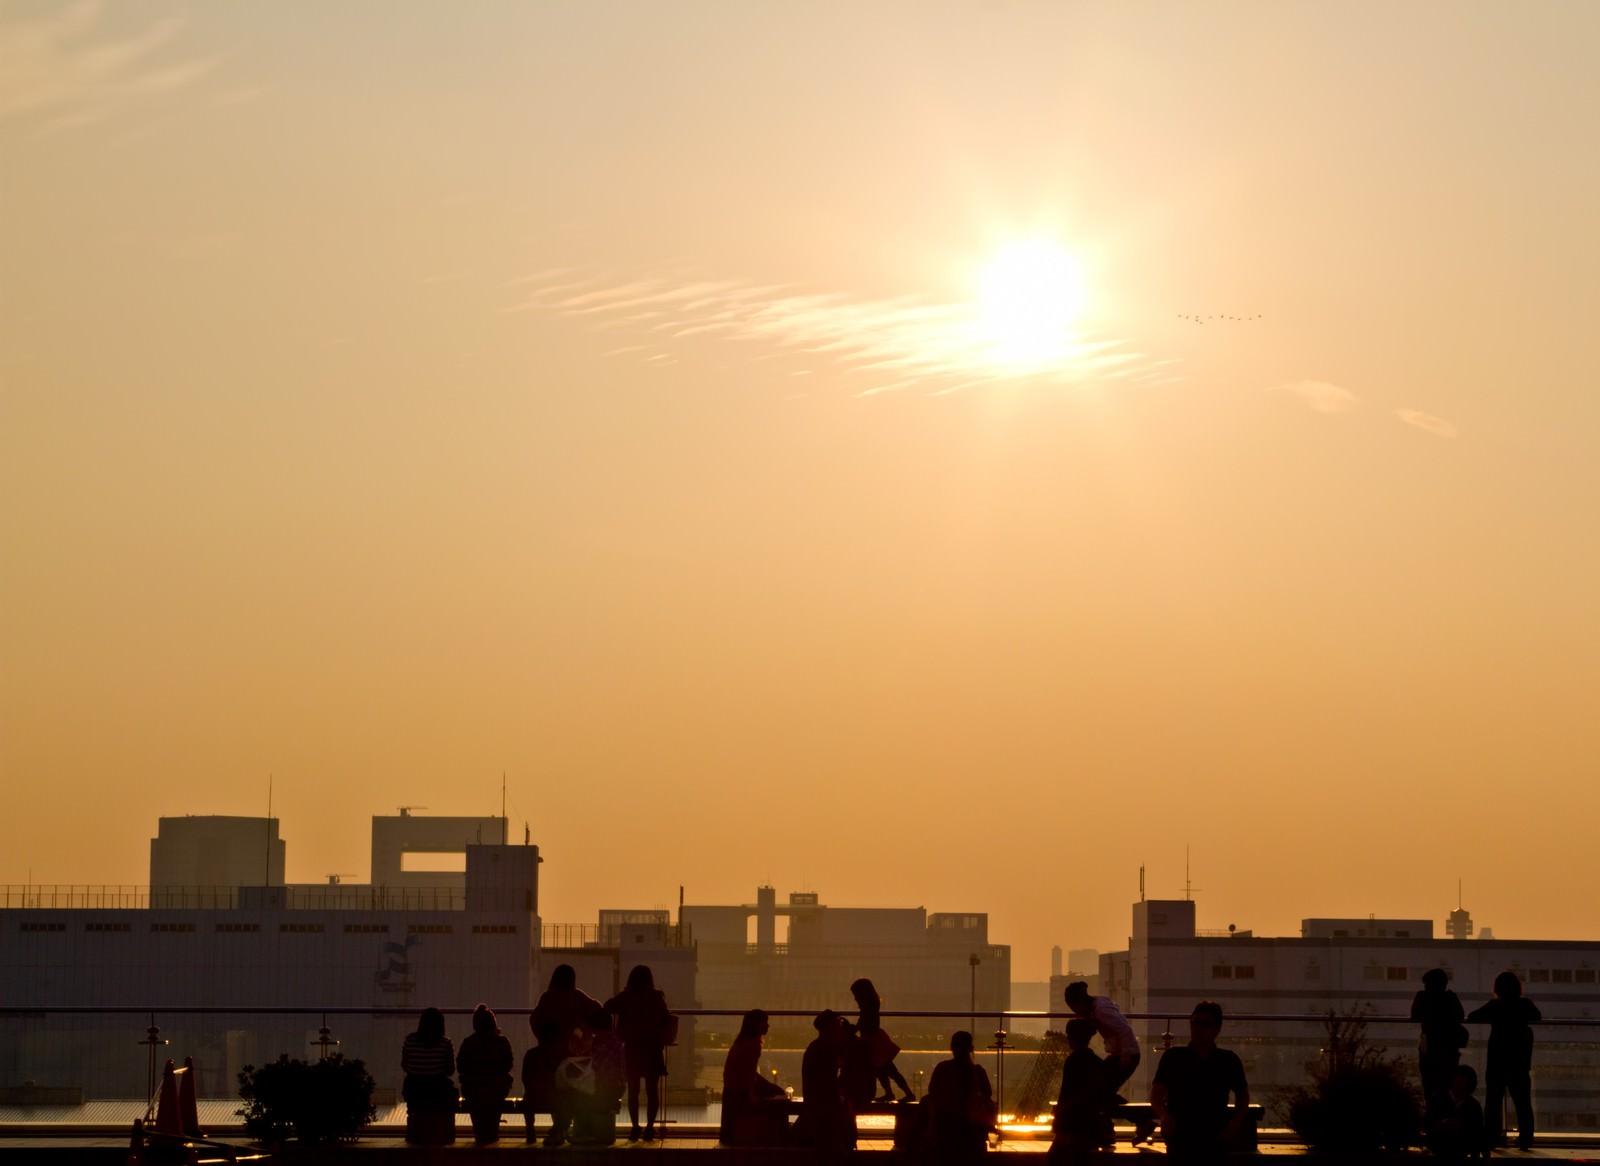 「夕焼けと人々のシルエット」の写真